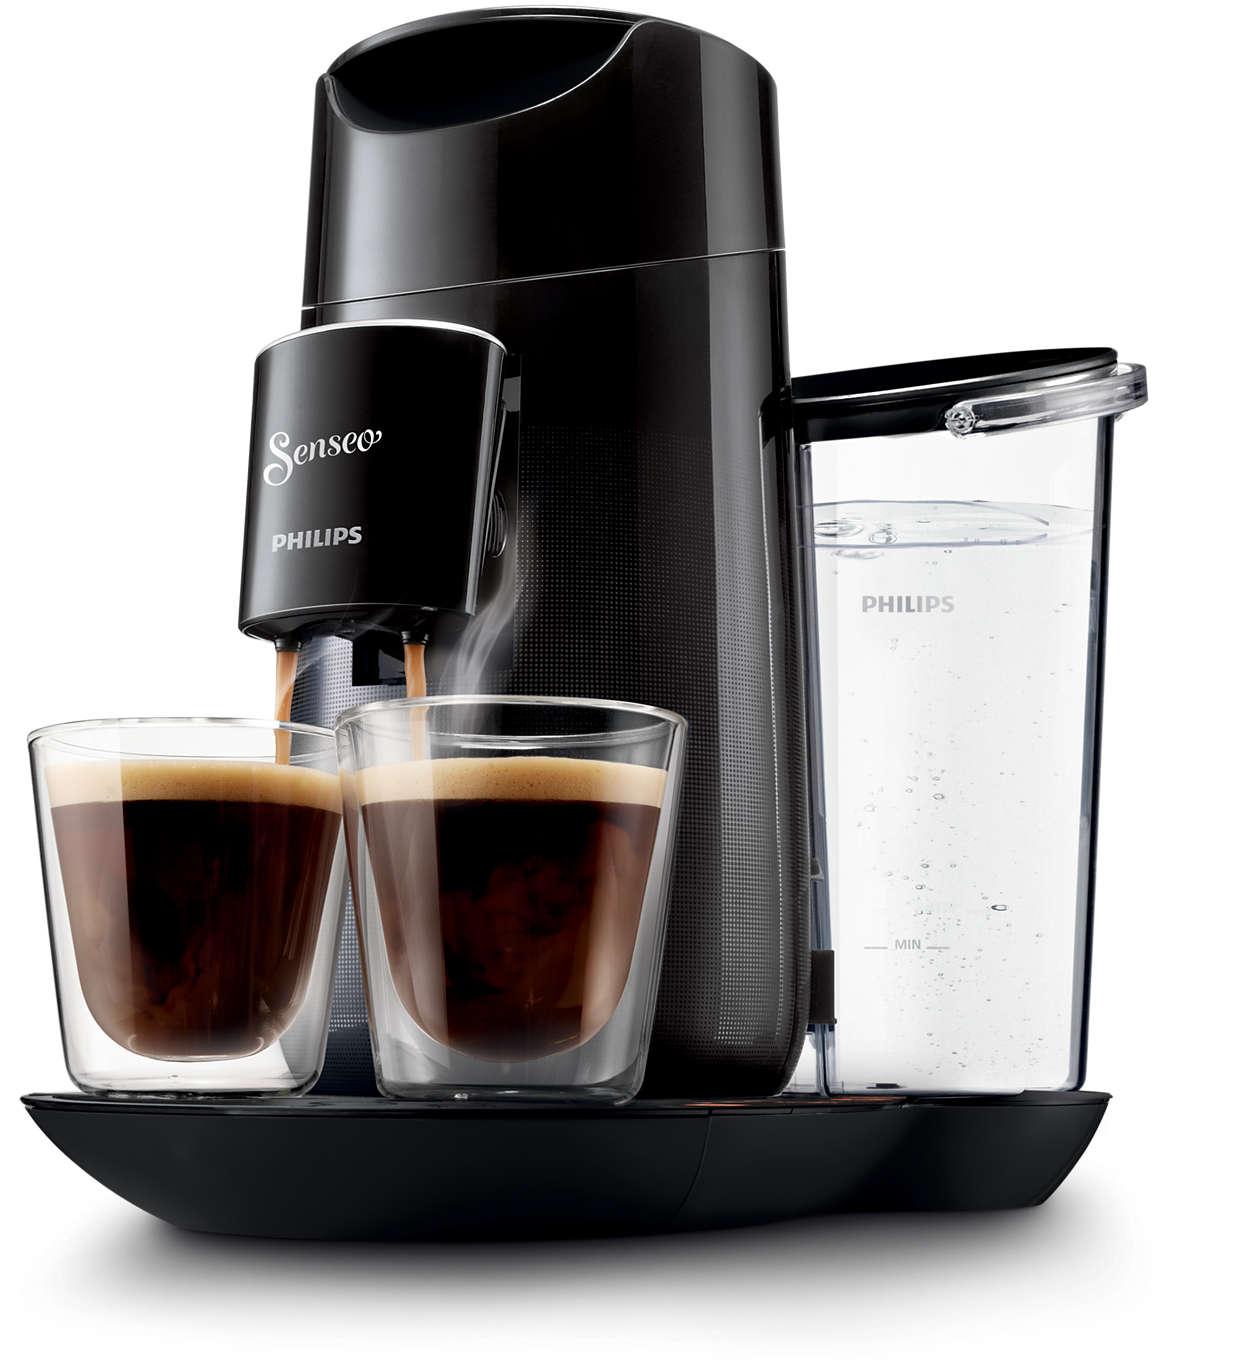 Wählen Sie die Kaffeestärke nach Belieben aus